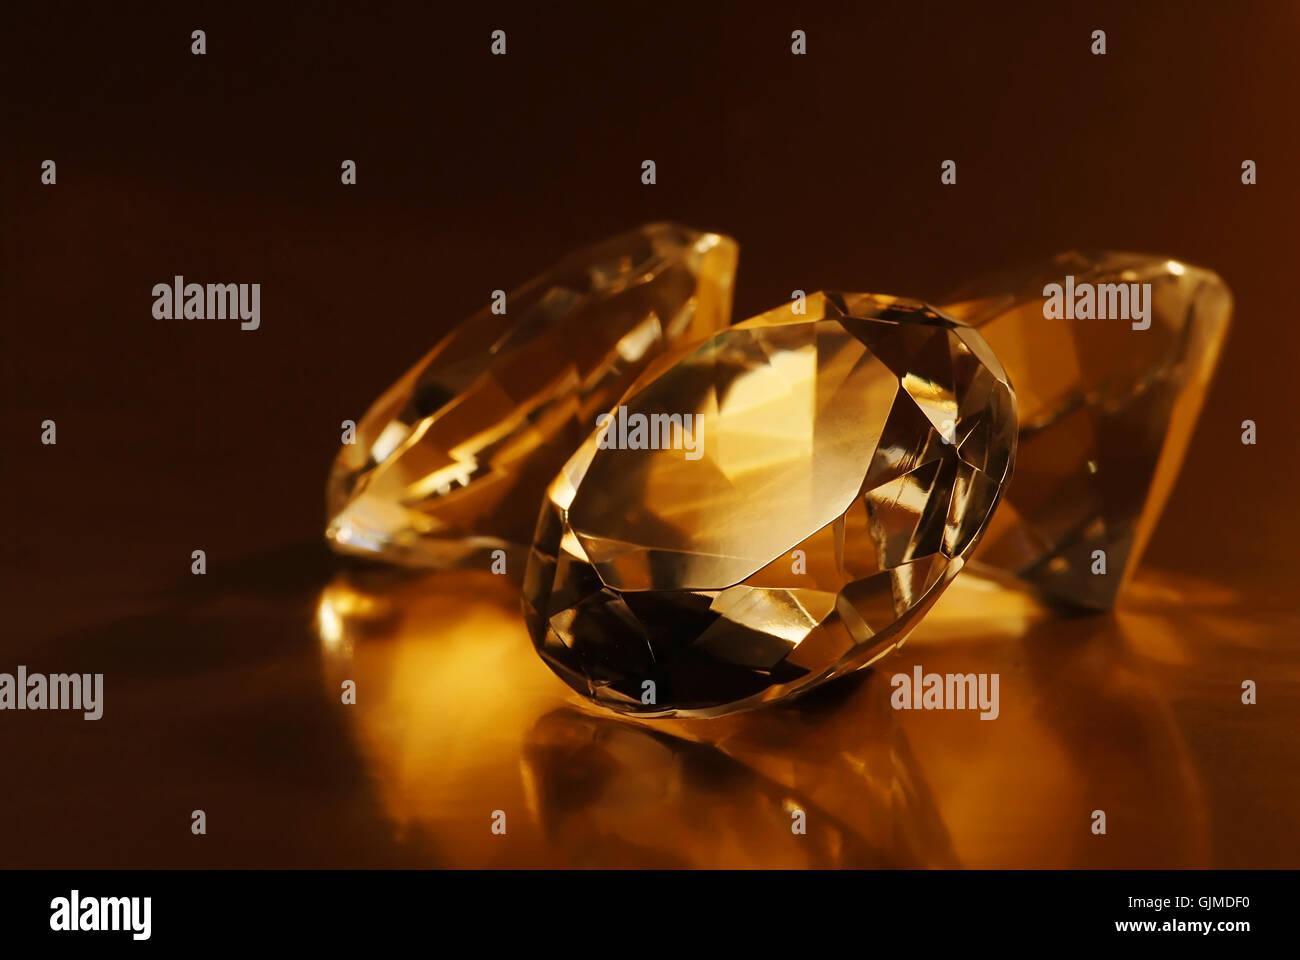 jewel diamond gemstones - Stock Image